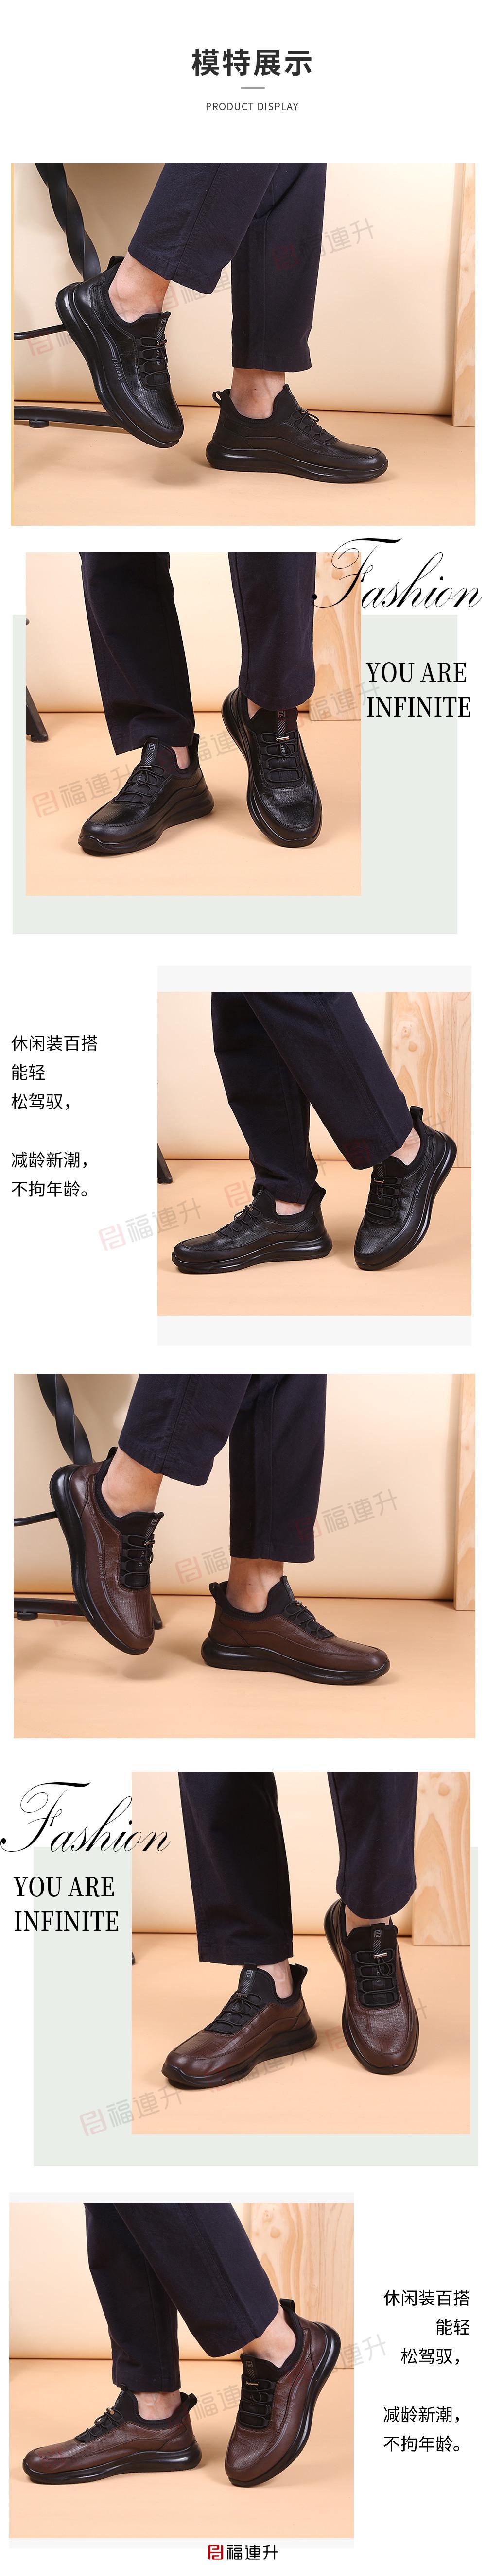 福连升秋季舒适休闲养生鞋中老年一脚蹬松紧轻便男鞋图片